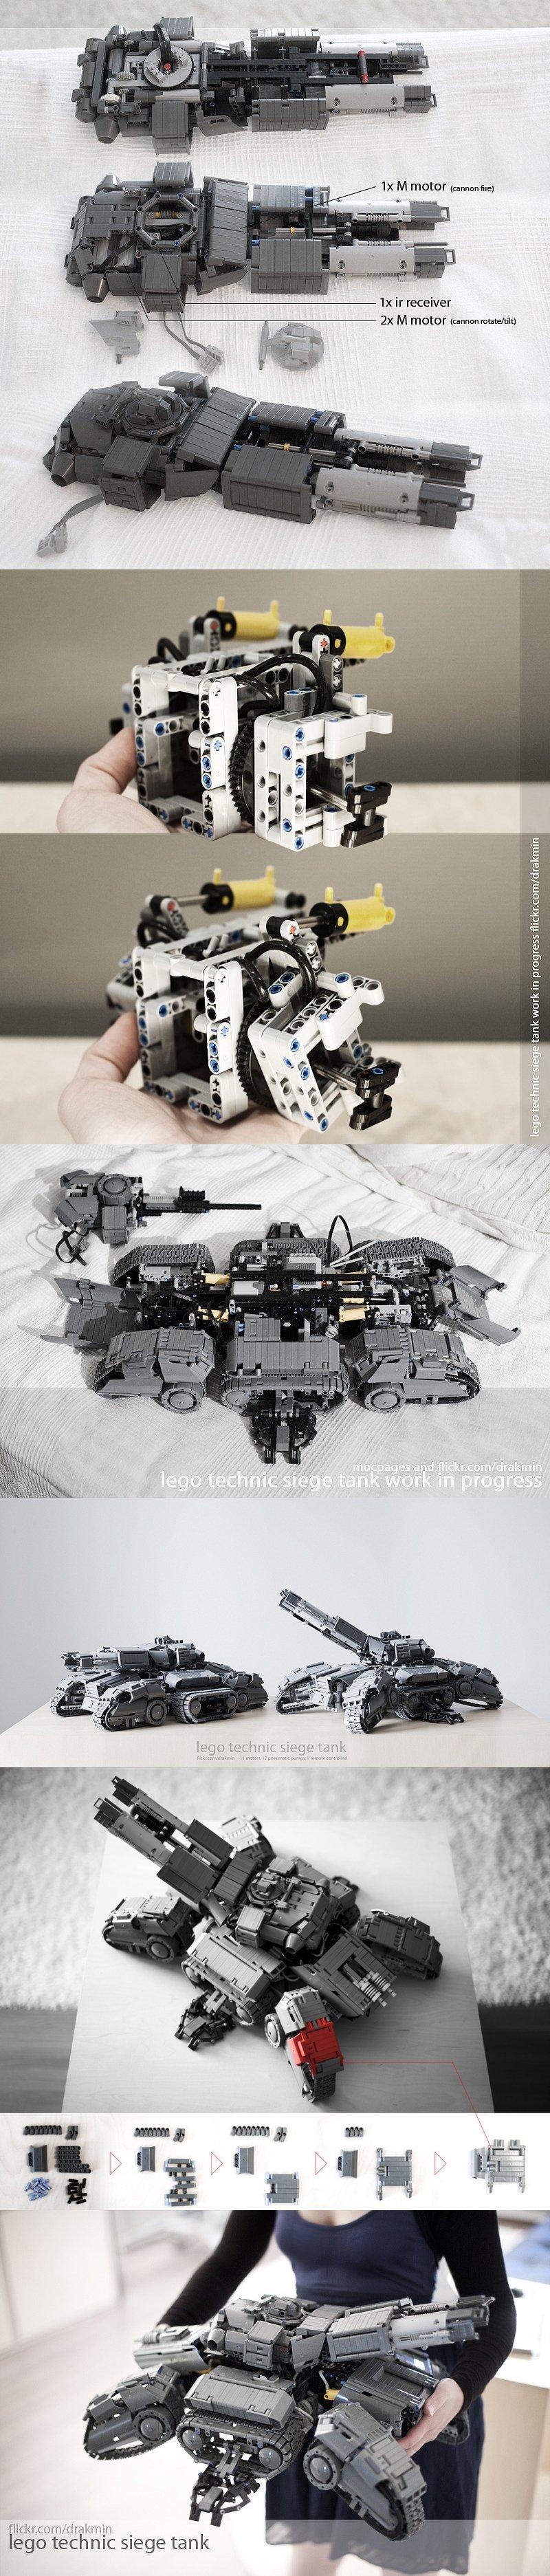 레고로 만든 시즈탱크